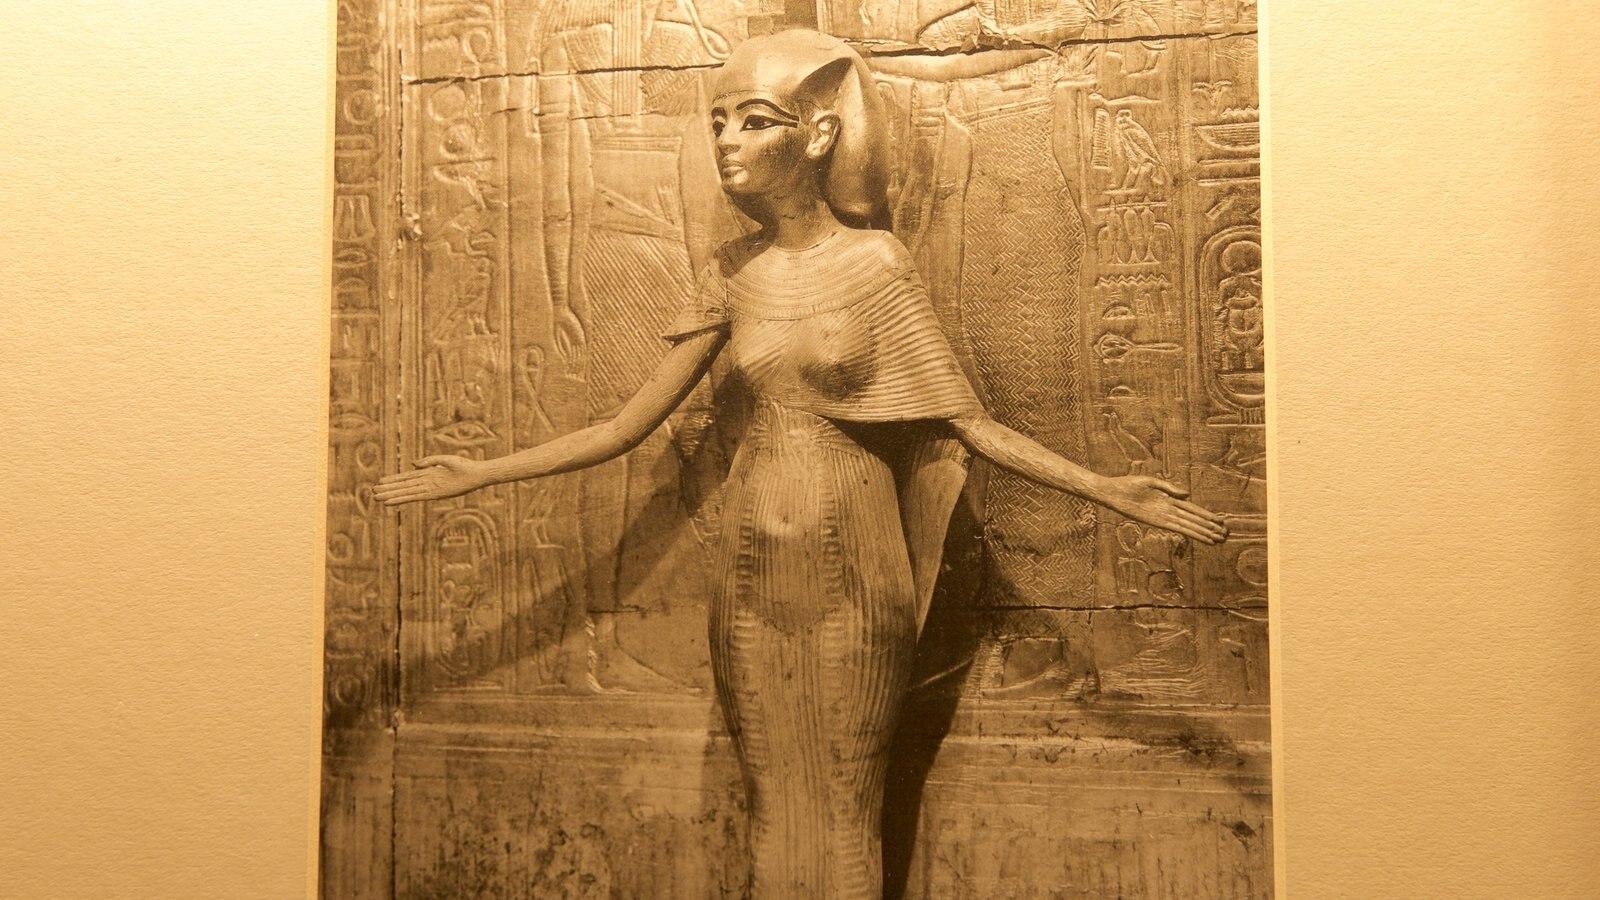 Tutankamon a exposição caracterizando arte, uma estátua ou escultura e elementos de patrimônio